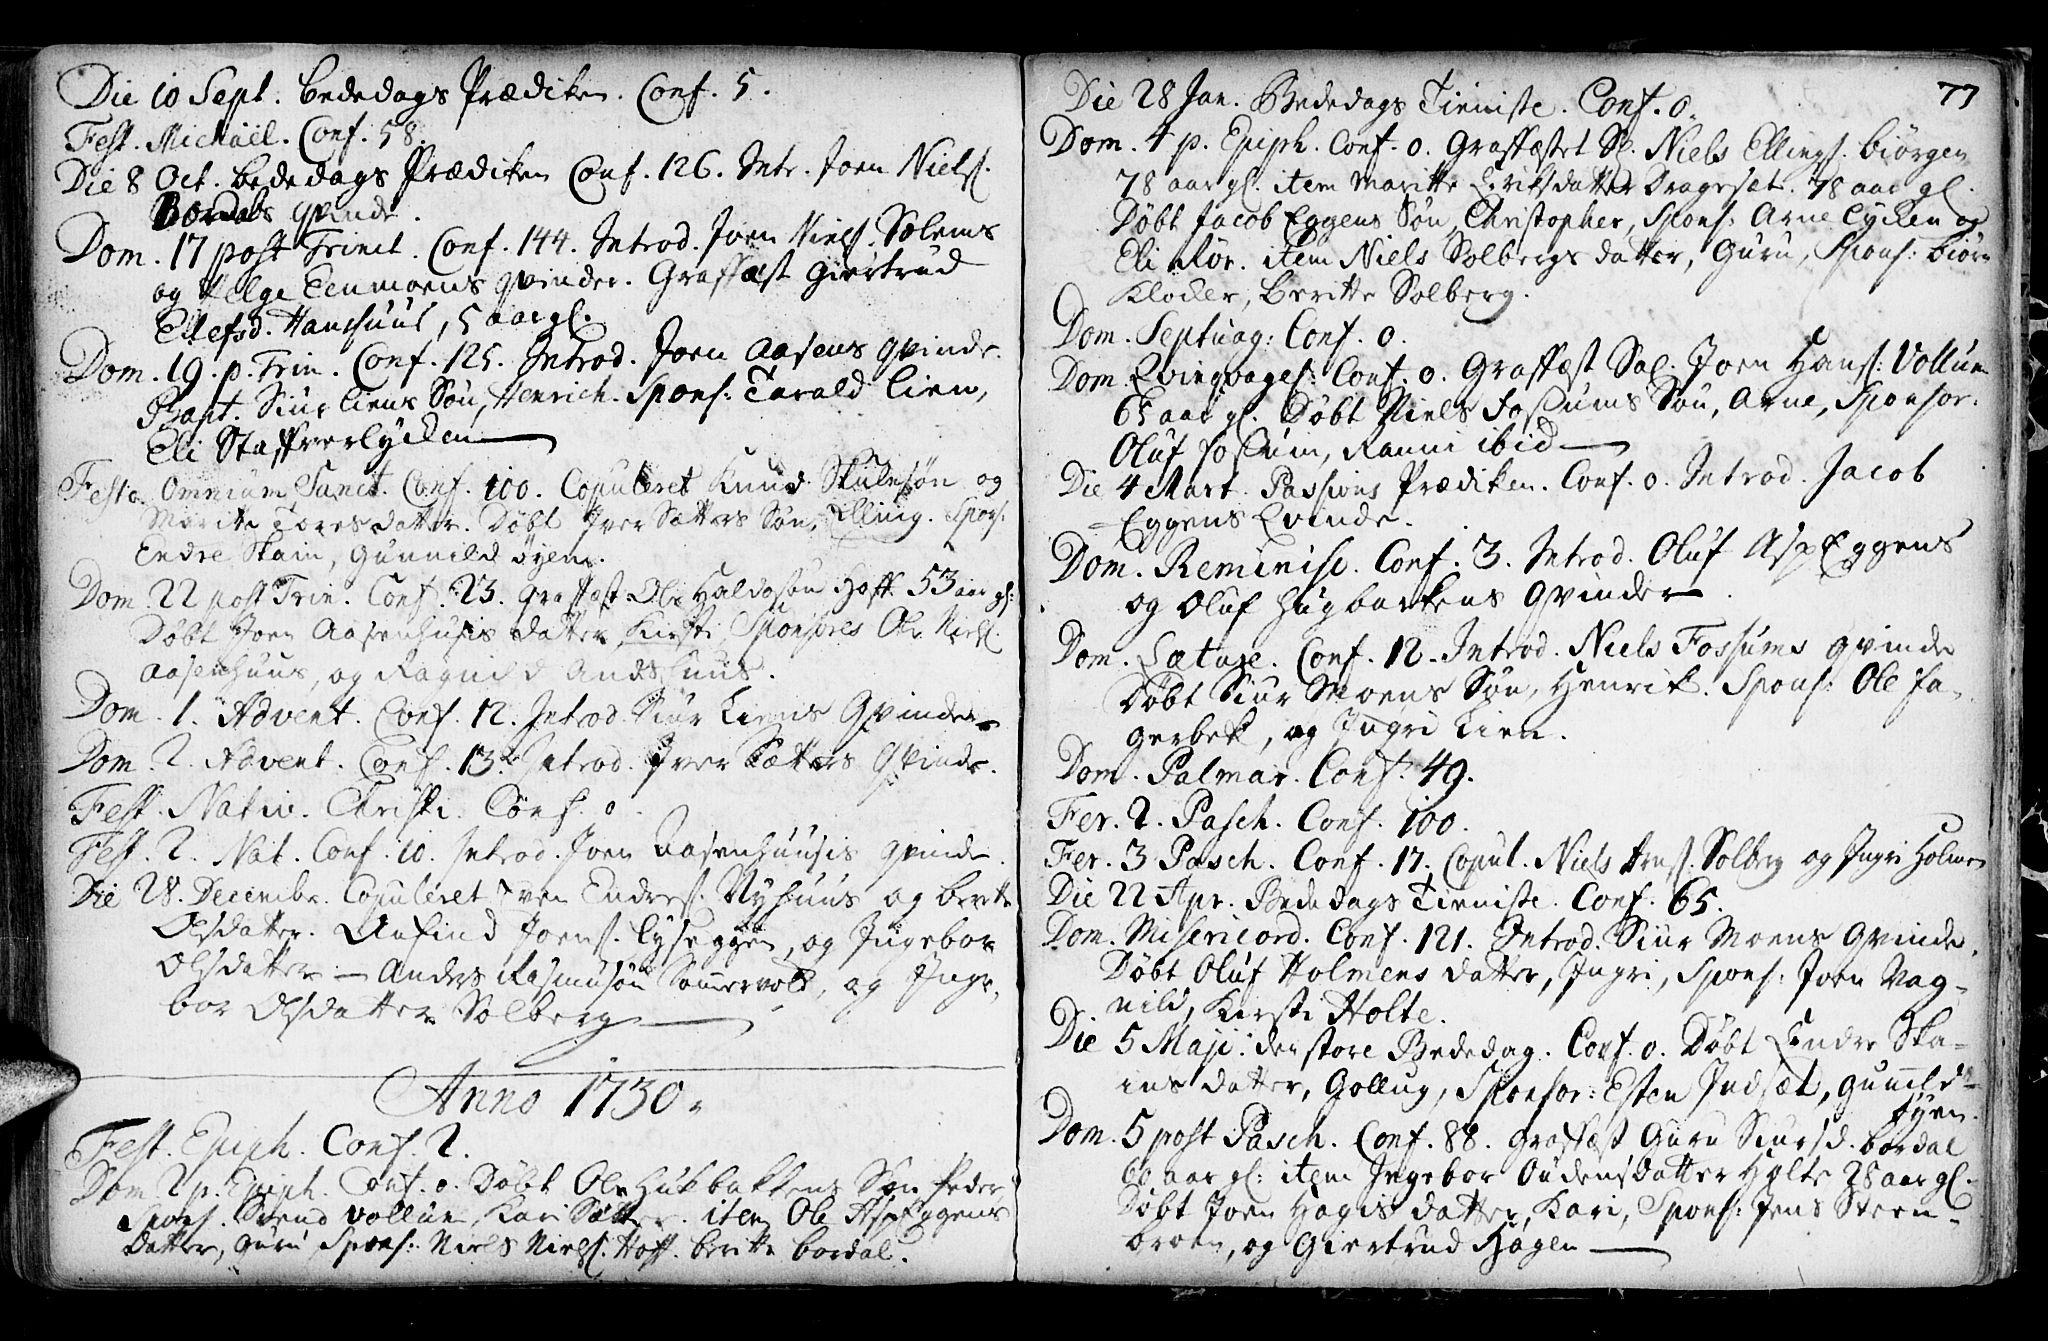 SAT, Ministerialprotokoller, klokkerbøker og fødselsregistre - Sør-Trøndelag, 689/L1036: Ministerialbok nr. 689A01, 1696-1746, s. 77